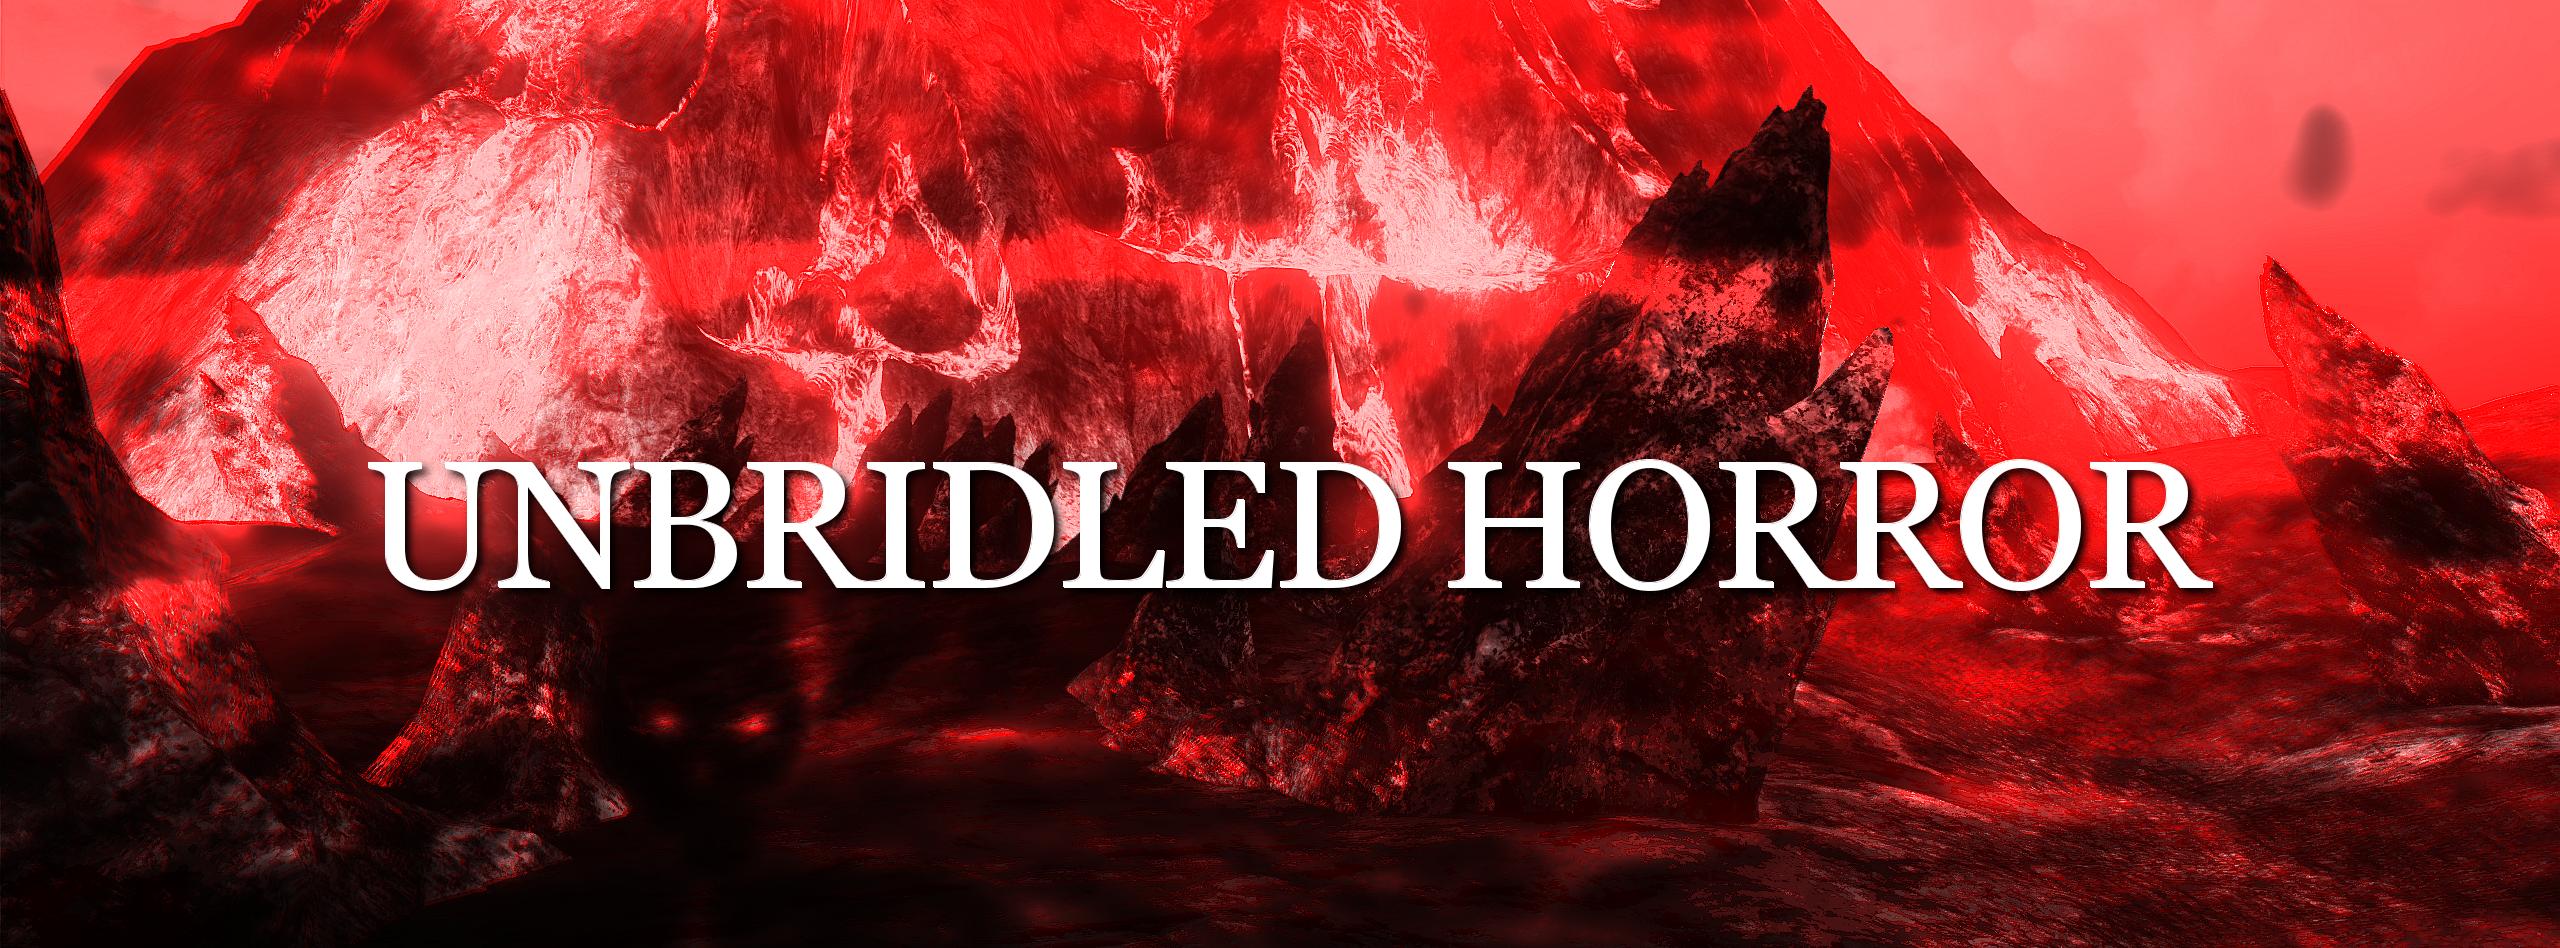 Unbridled Horror